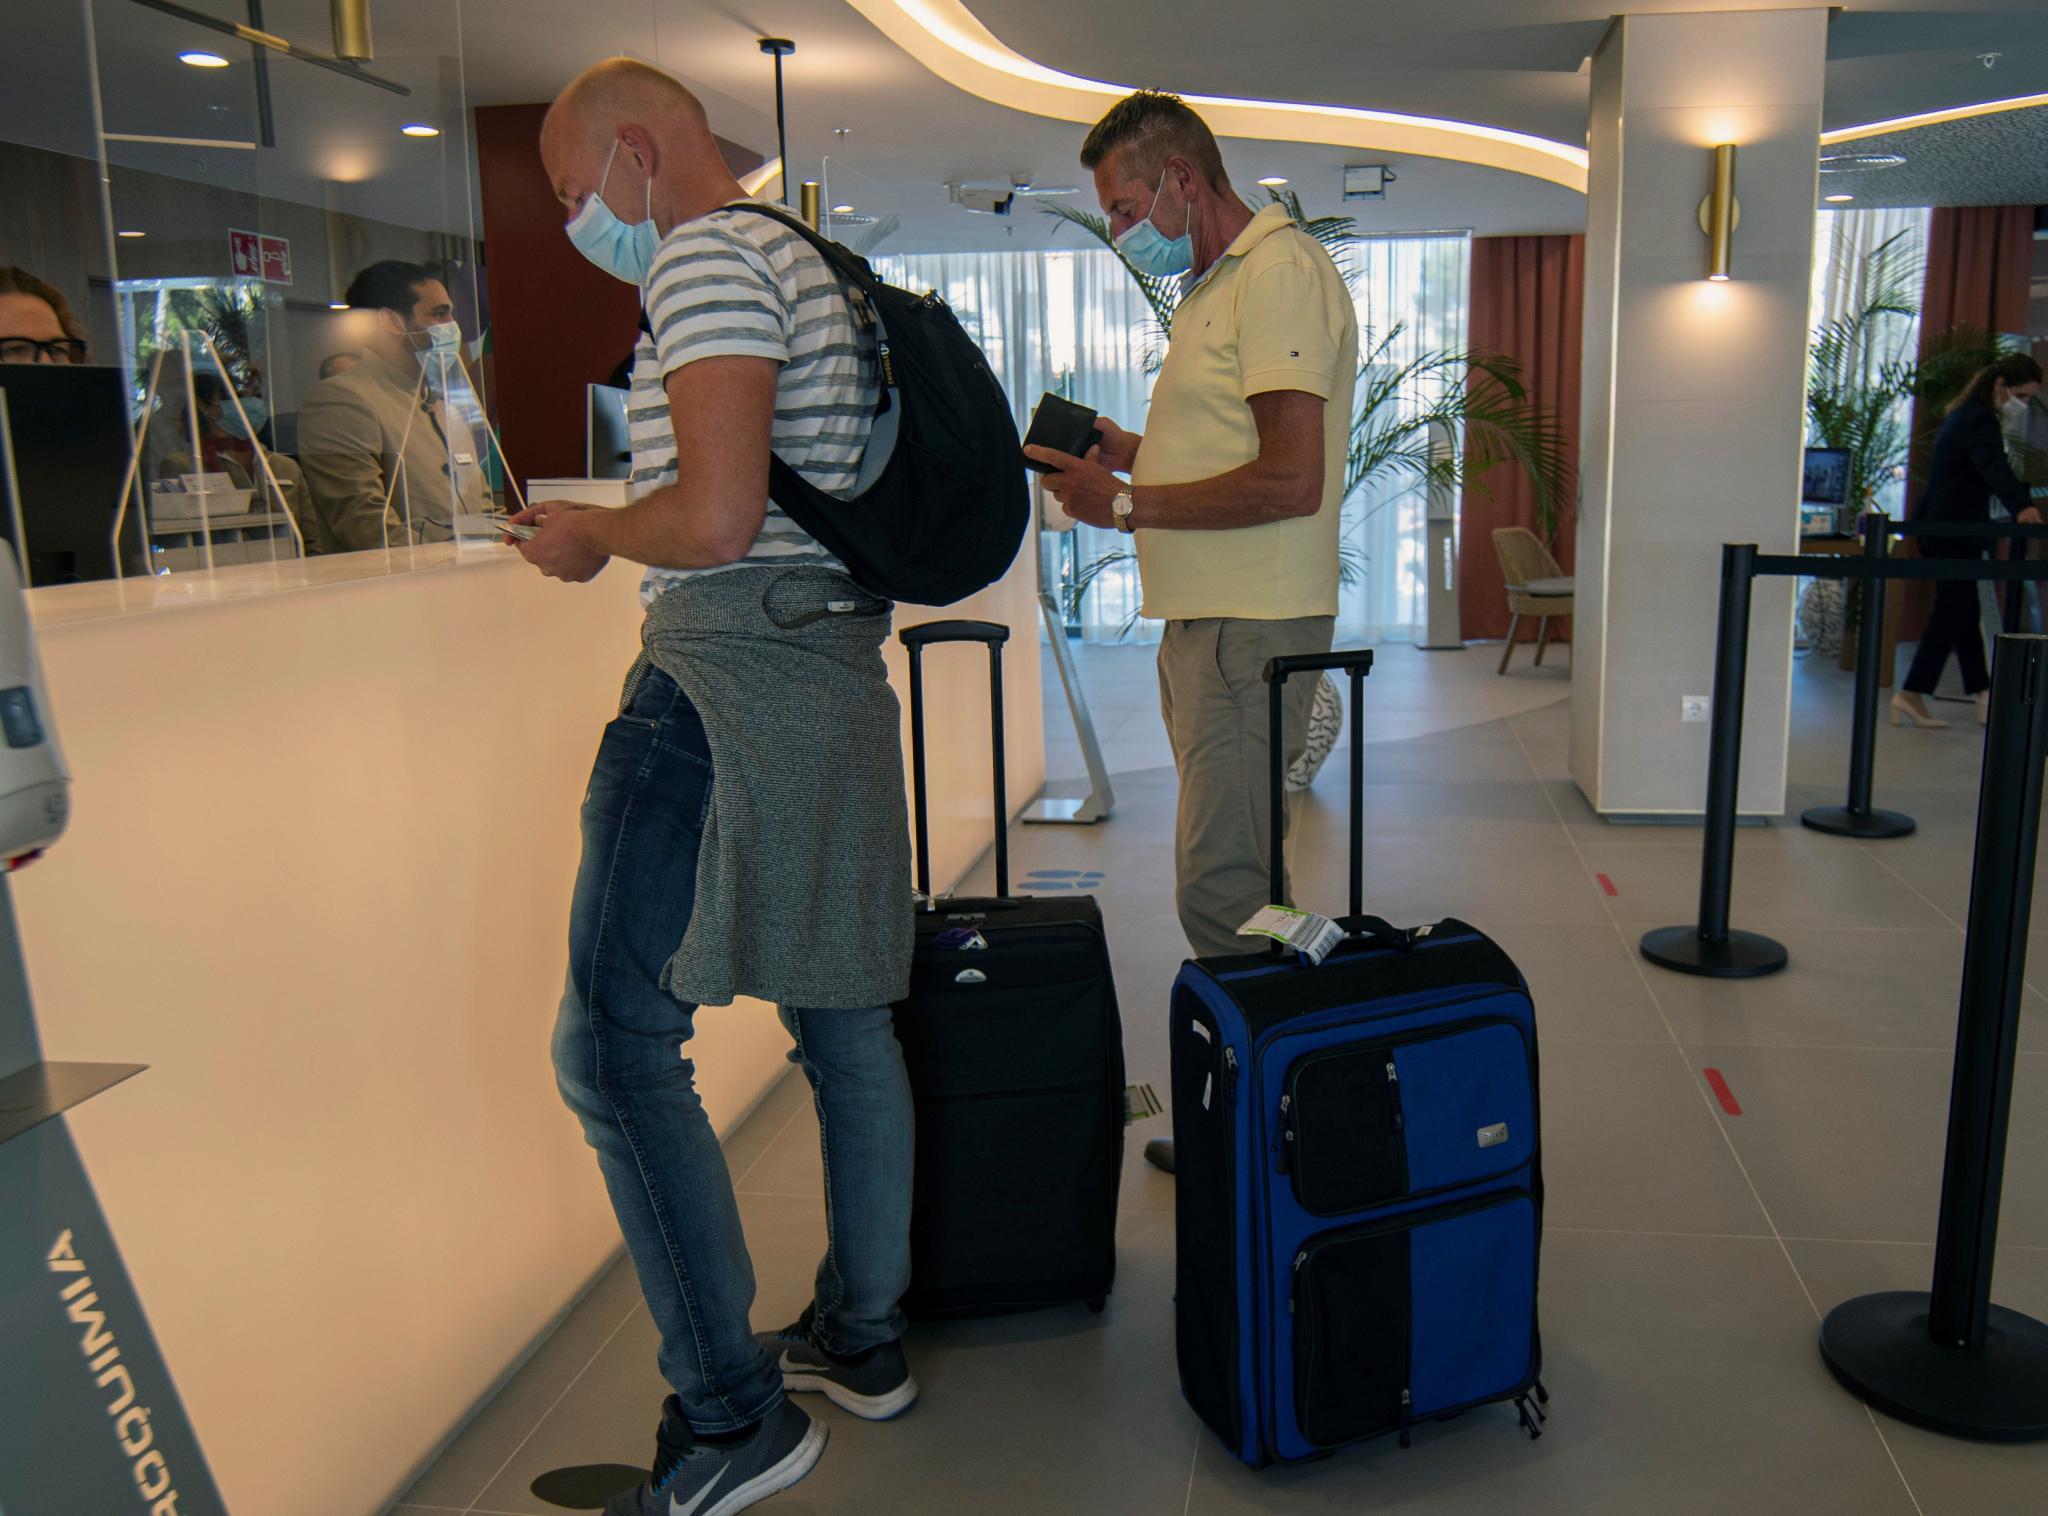 Plan piloto para la llegada de turistas alemanes a las islas Baleares